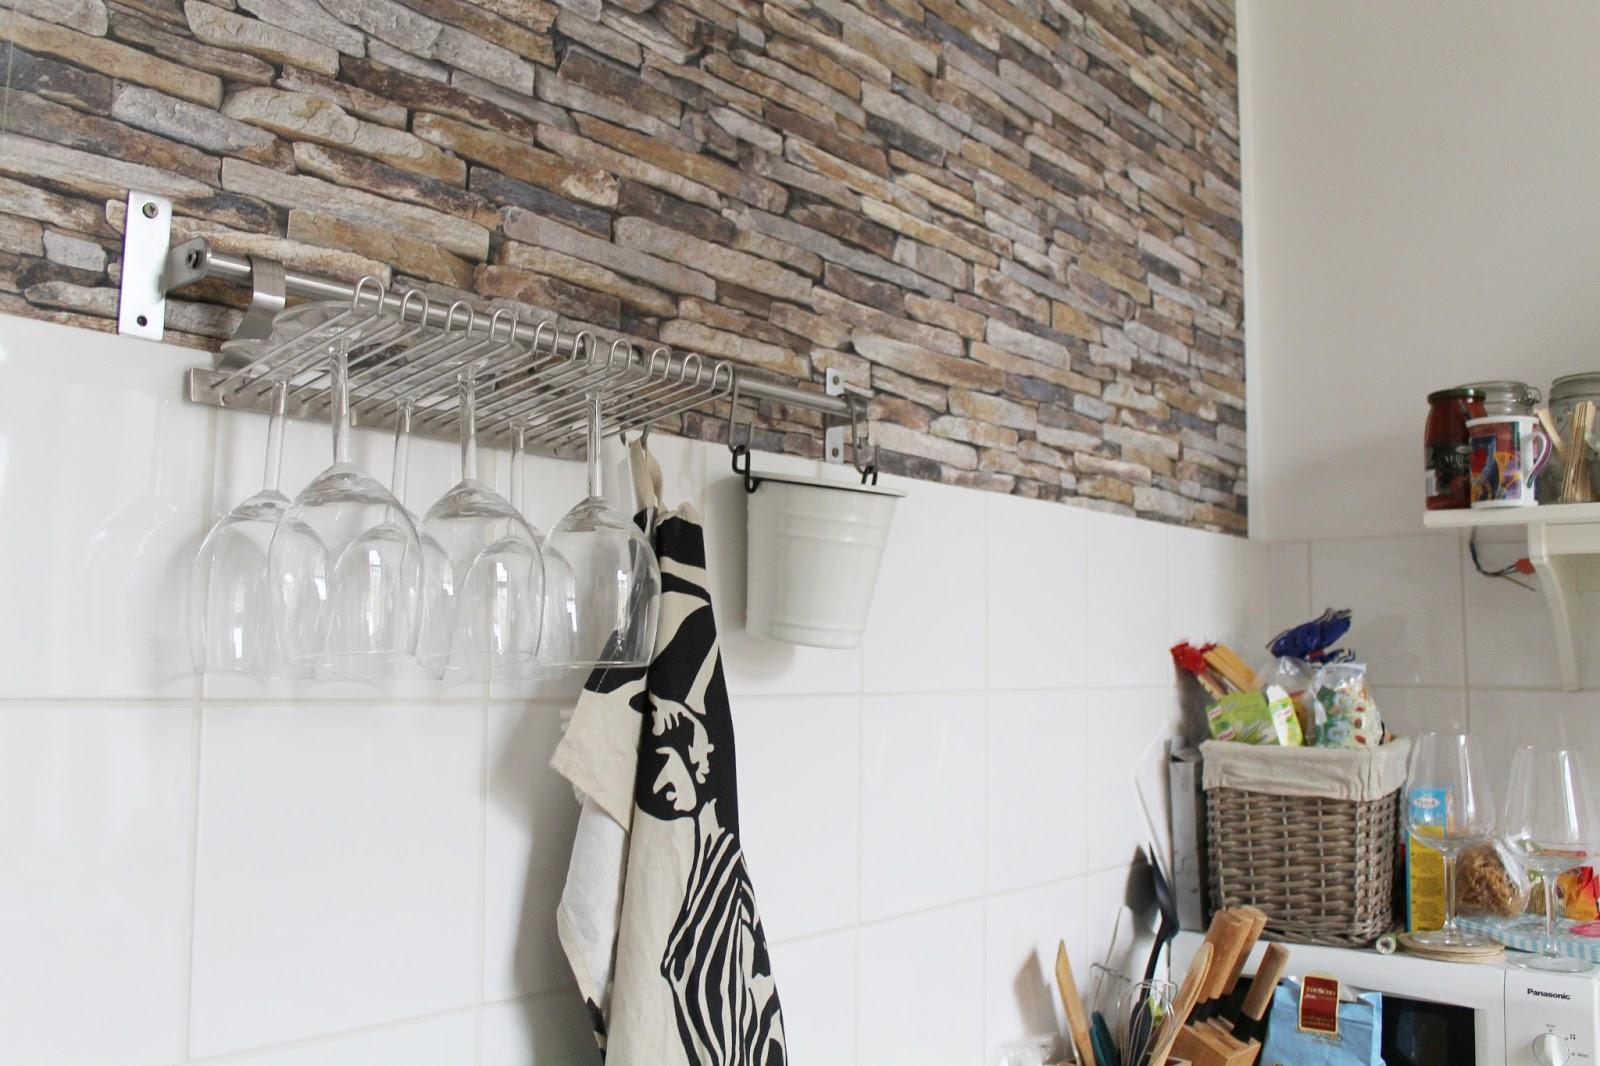 wnde streichen ohne tapete spachteln und streichen ohne. Black Bedroom Furniture Sets. Home Design Ideas